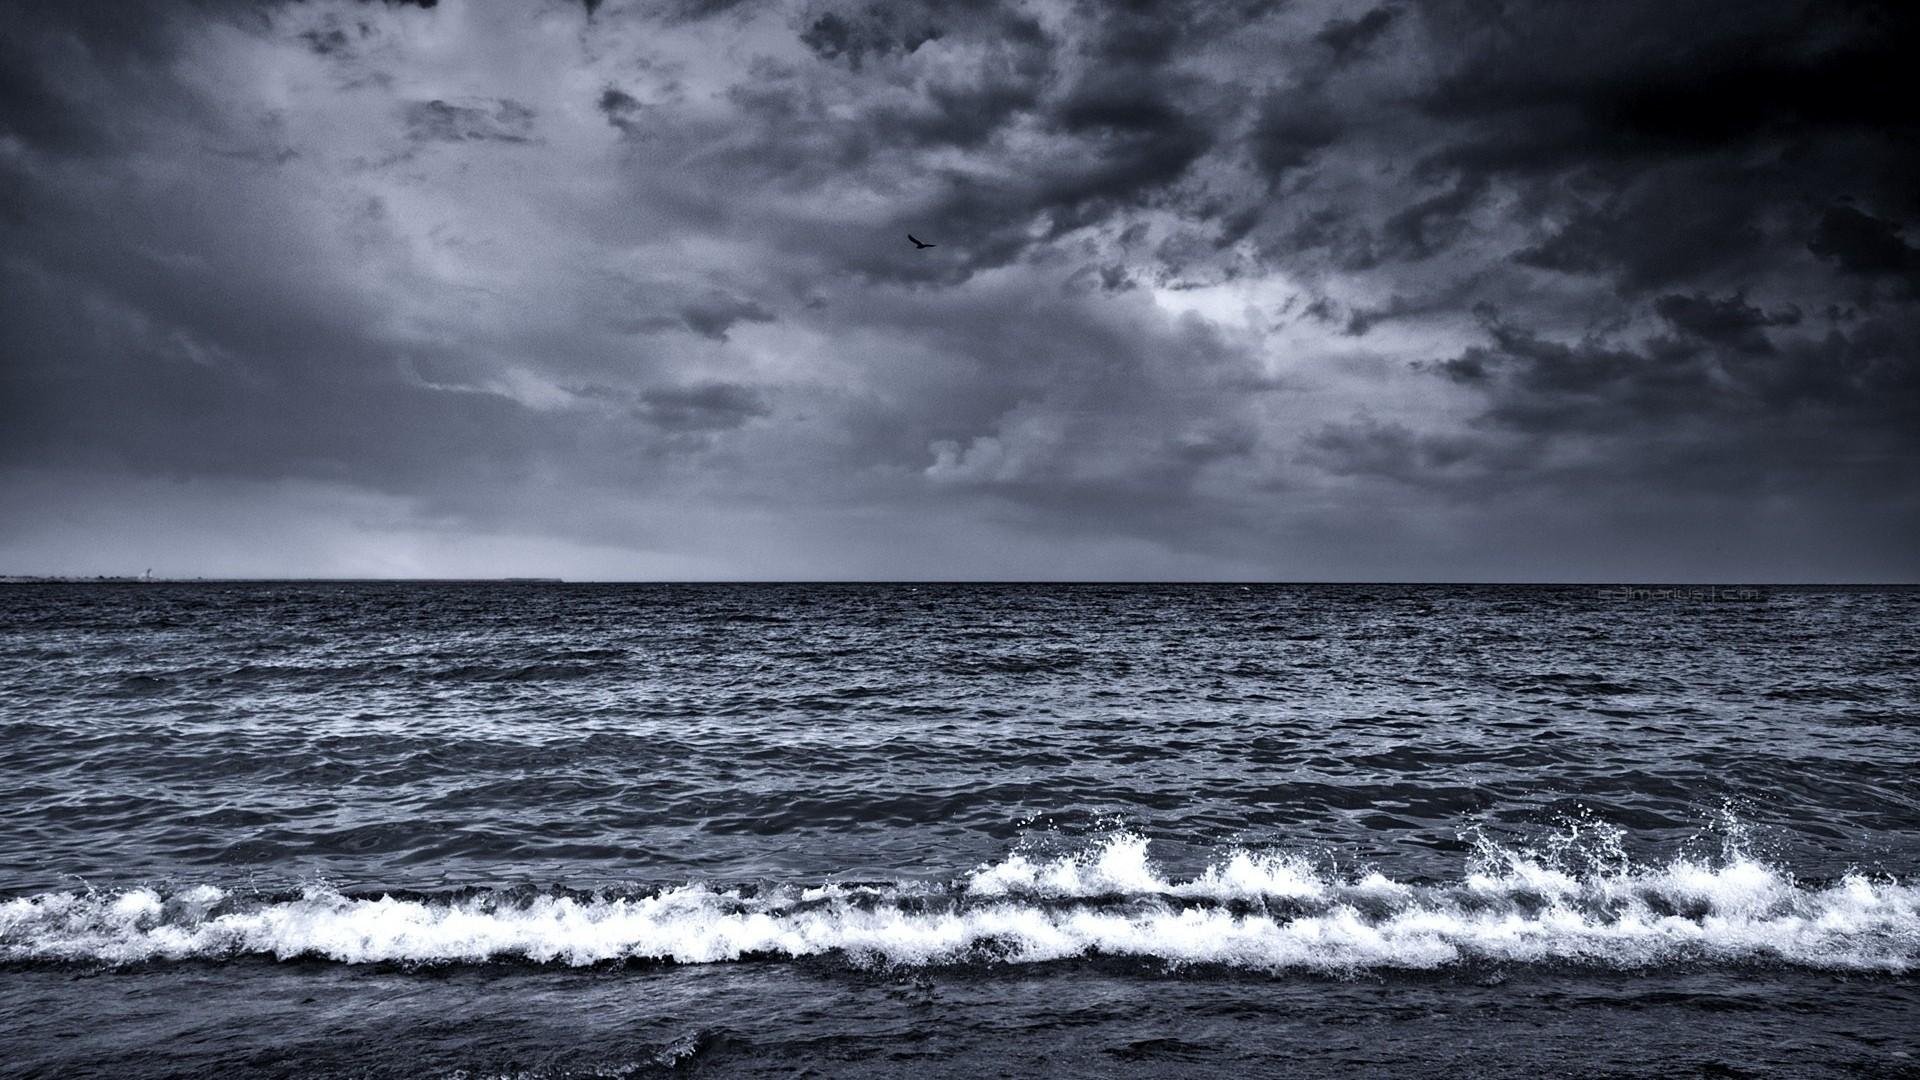 Картинки грустные с океаном